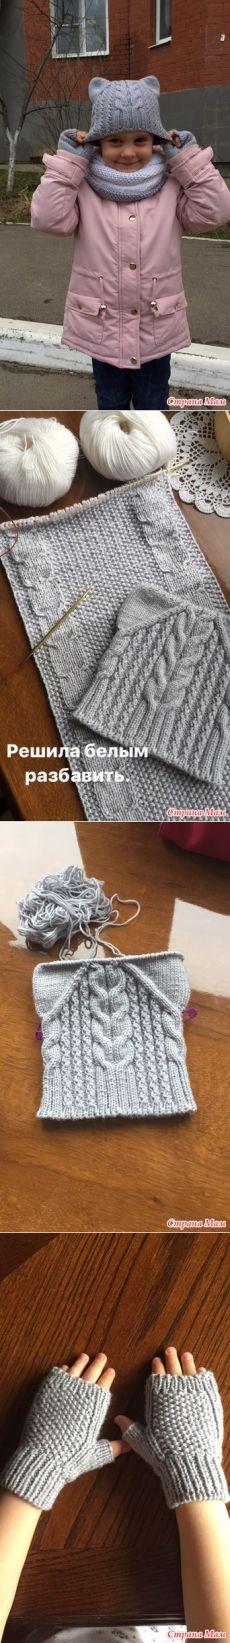 stranamam.ru